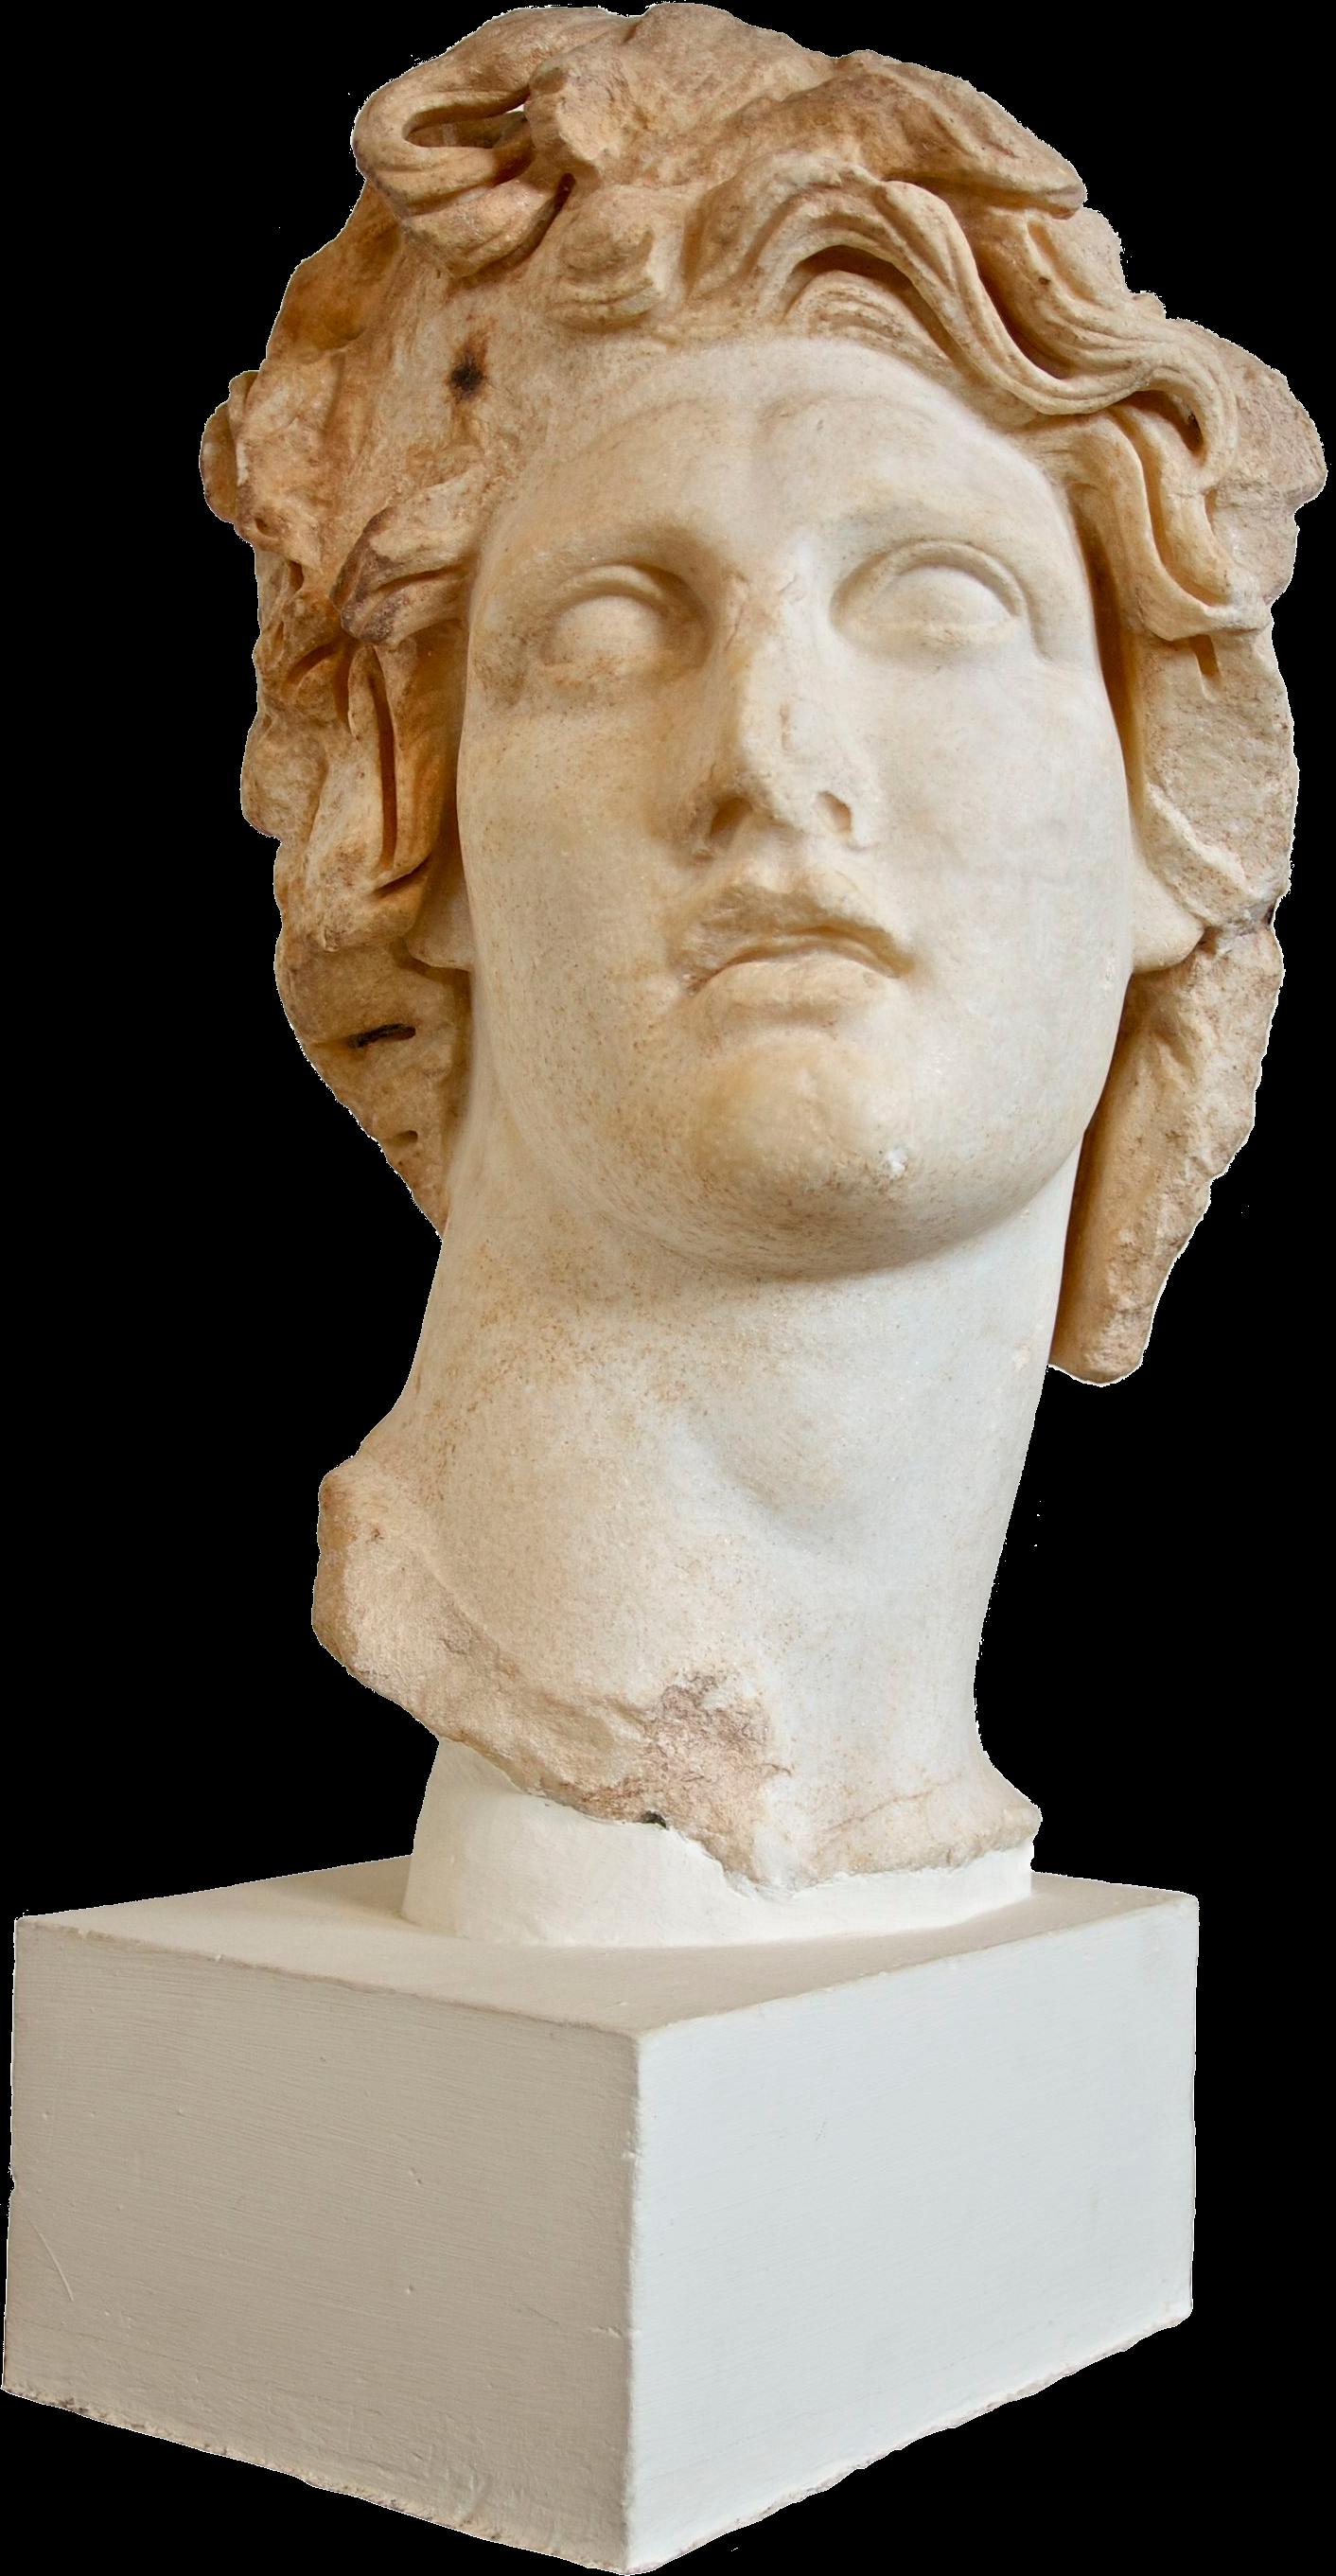 Bildresultat For Roman Statues Png Escultura Griega Estatuas Griegas Atenea Diosa Griega